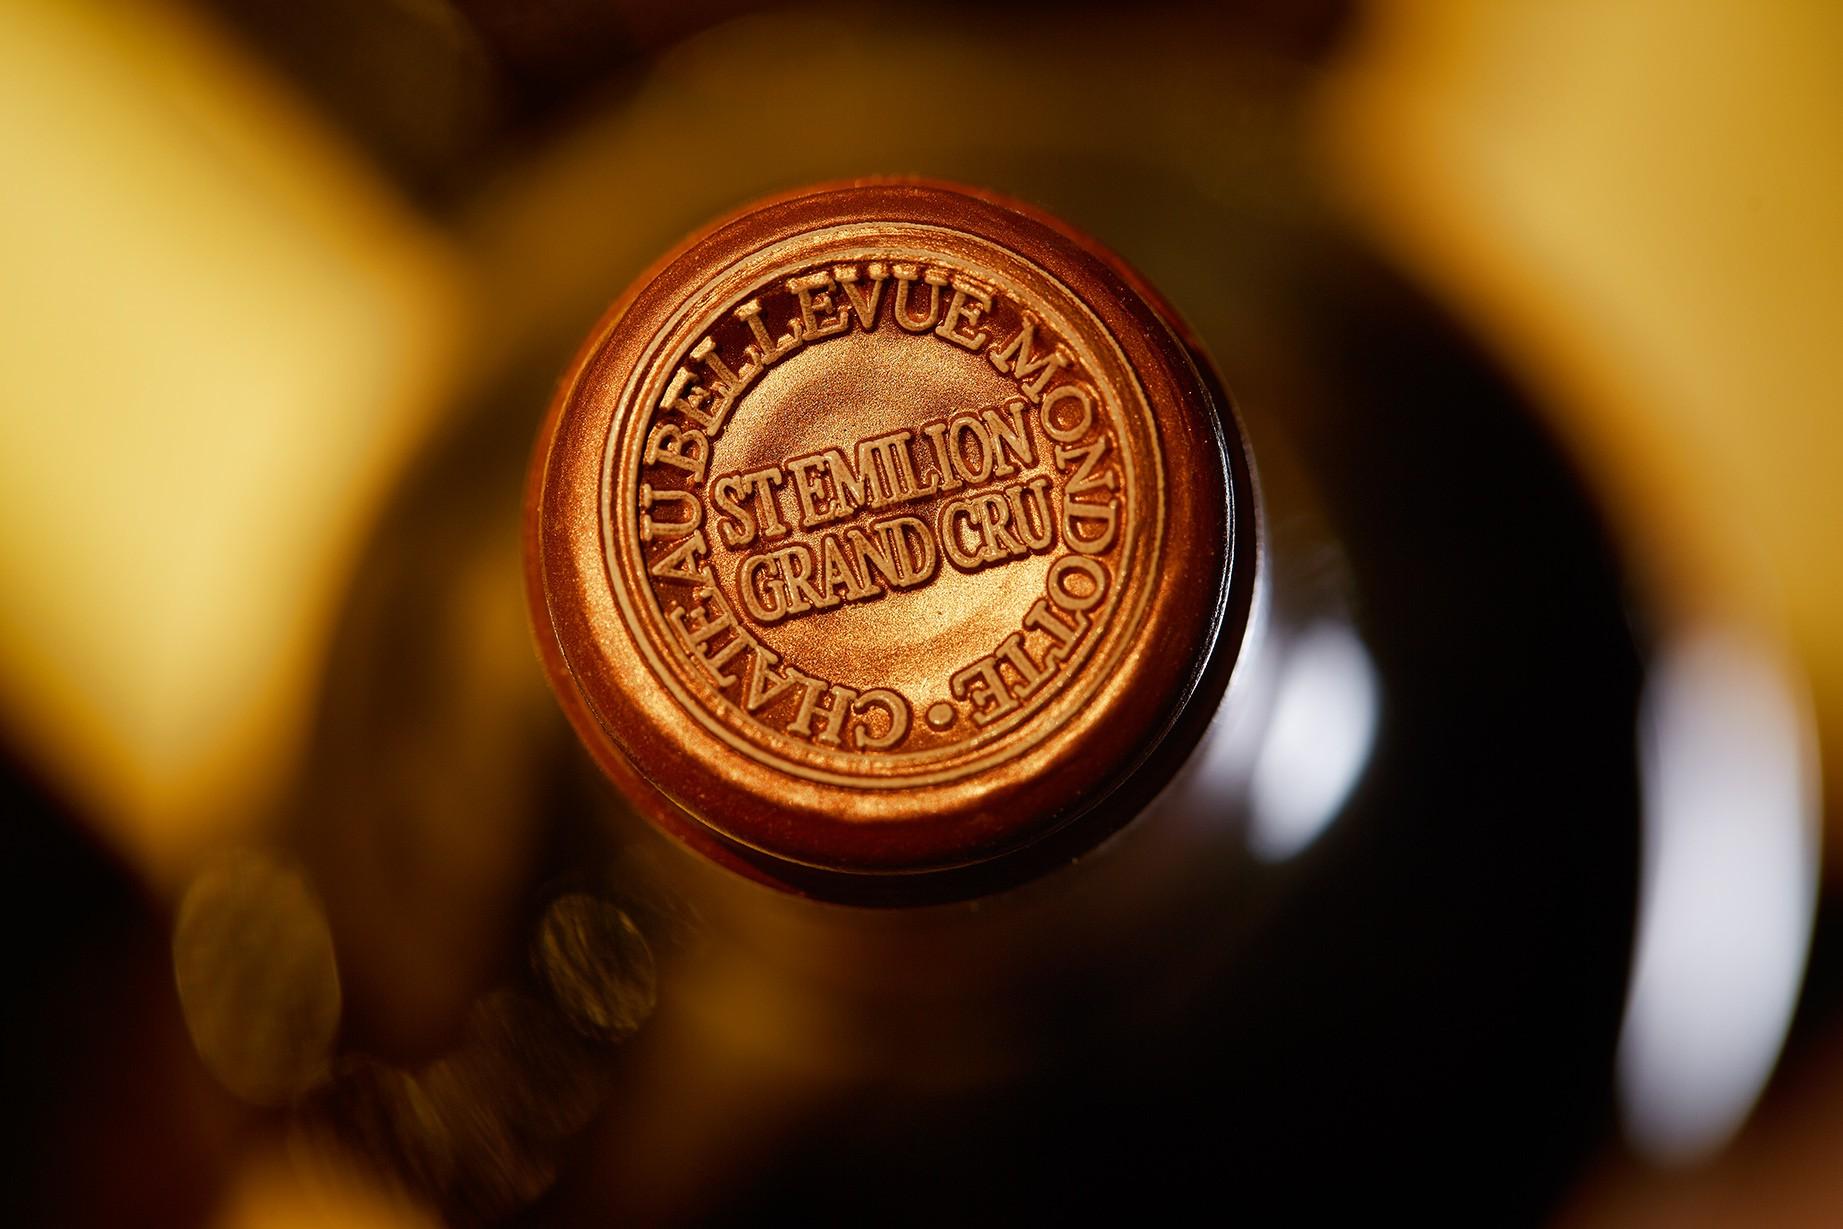 Bellevue Mondotte : un vin rare et confidentiel